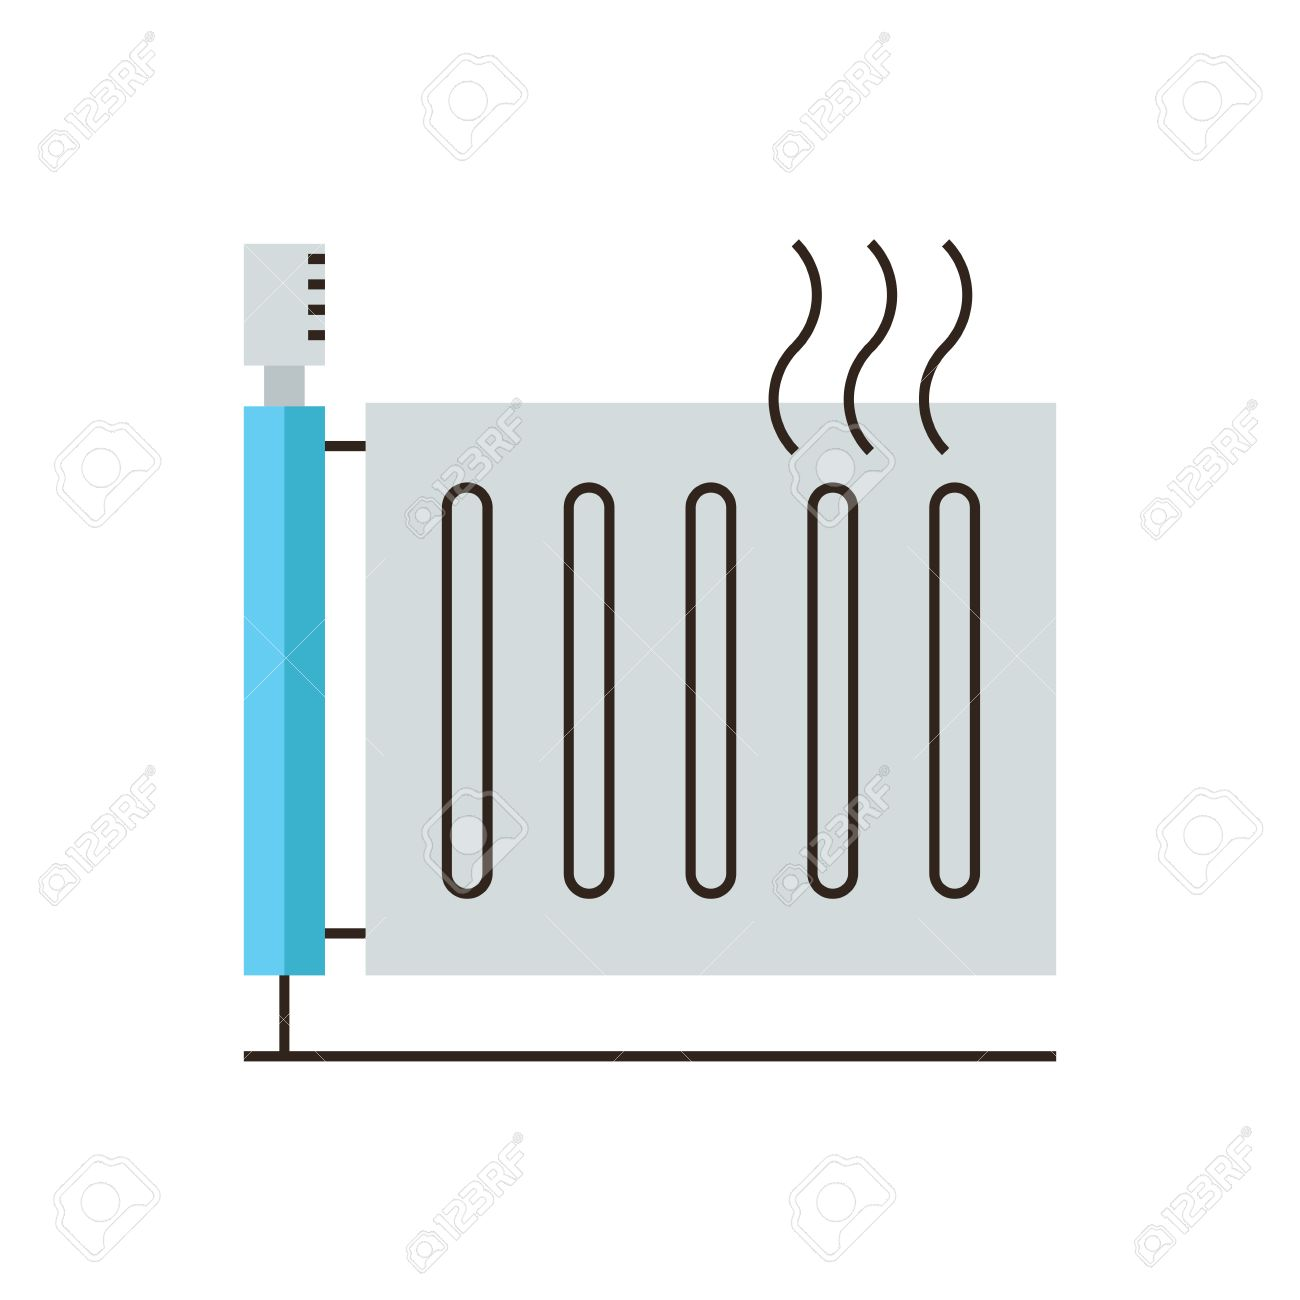 Dünne Linie Symbol Mit Flachen Design-Element Von Heizkörper ...